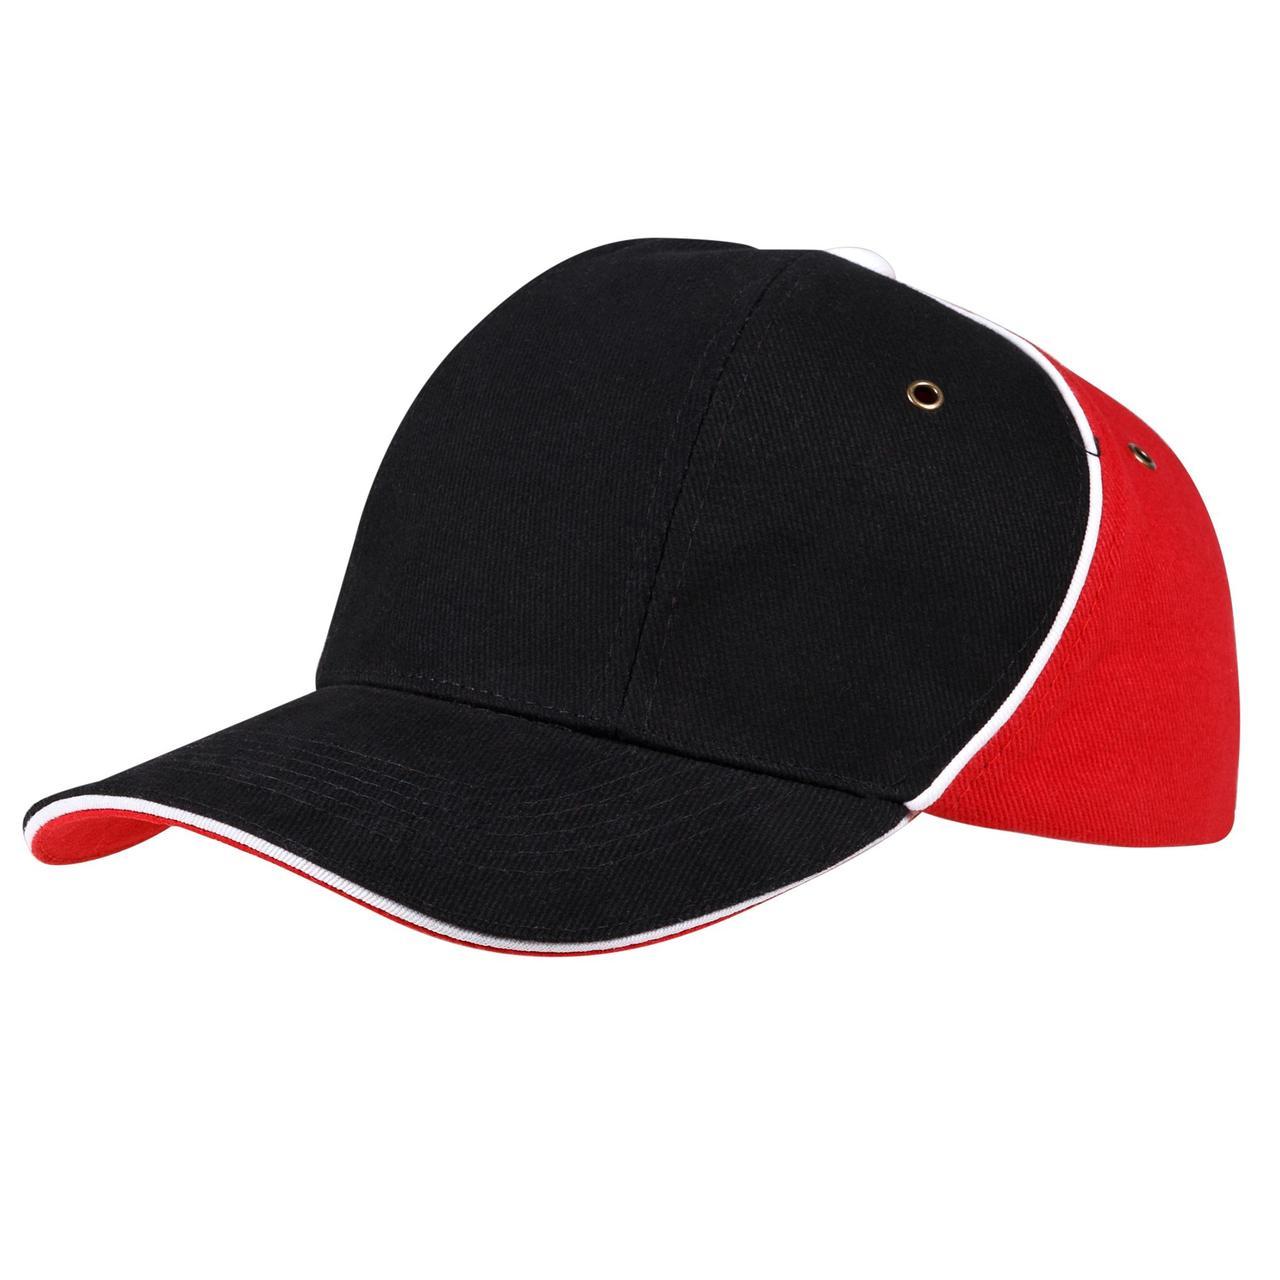 Бейсболка Unit Smart, черная с красным (артикул 4758.35)